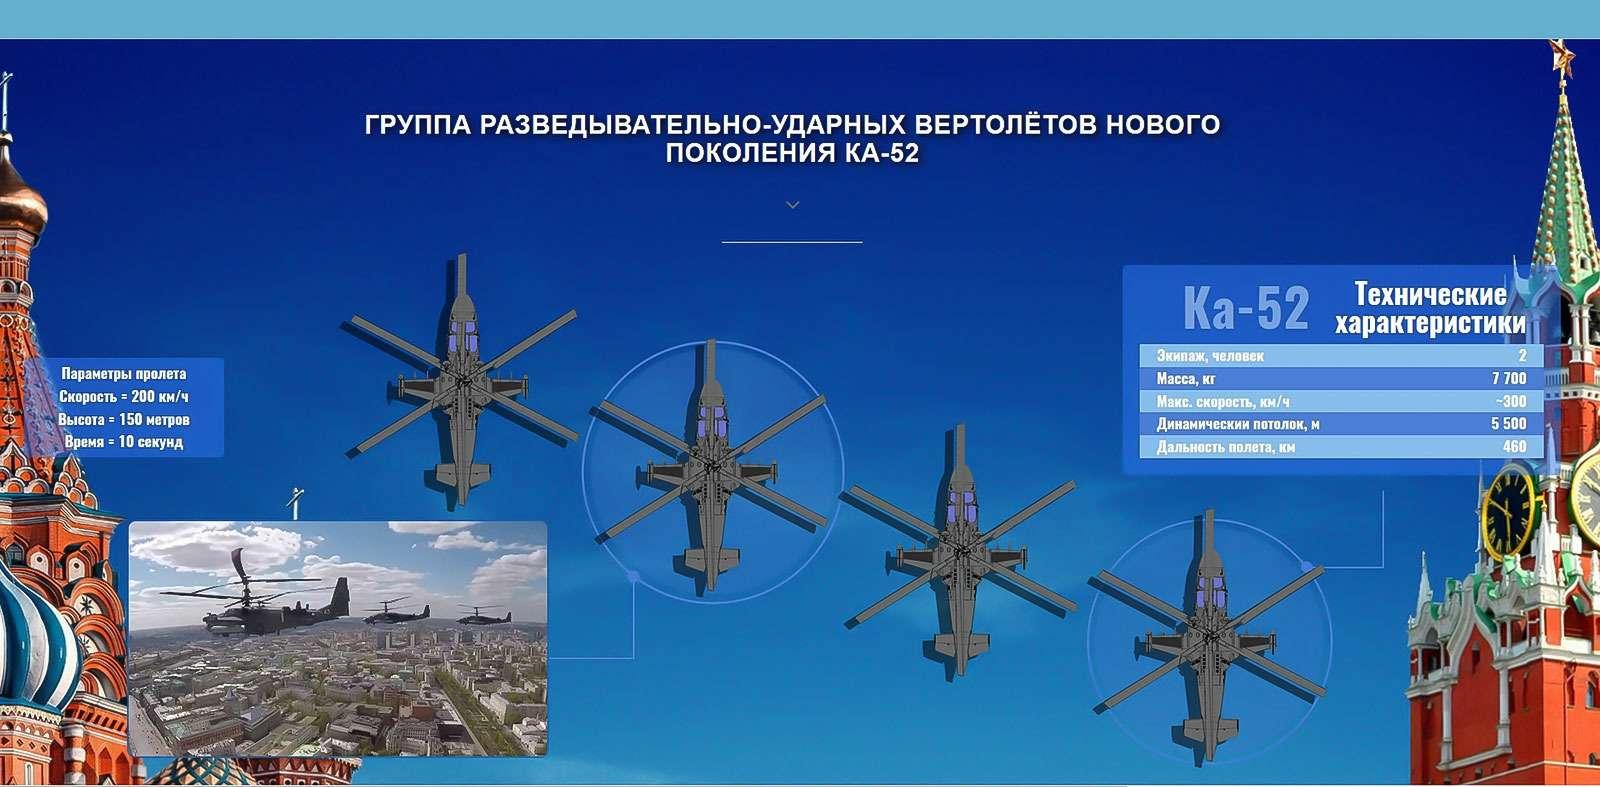 разведывательно-ударные вертолеты КА-52